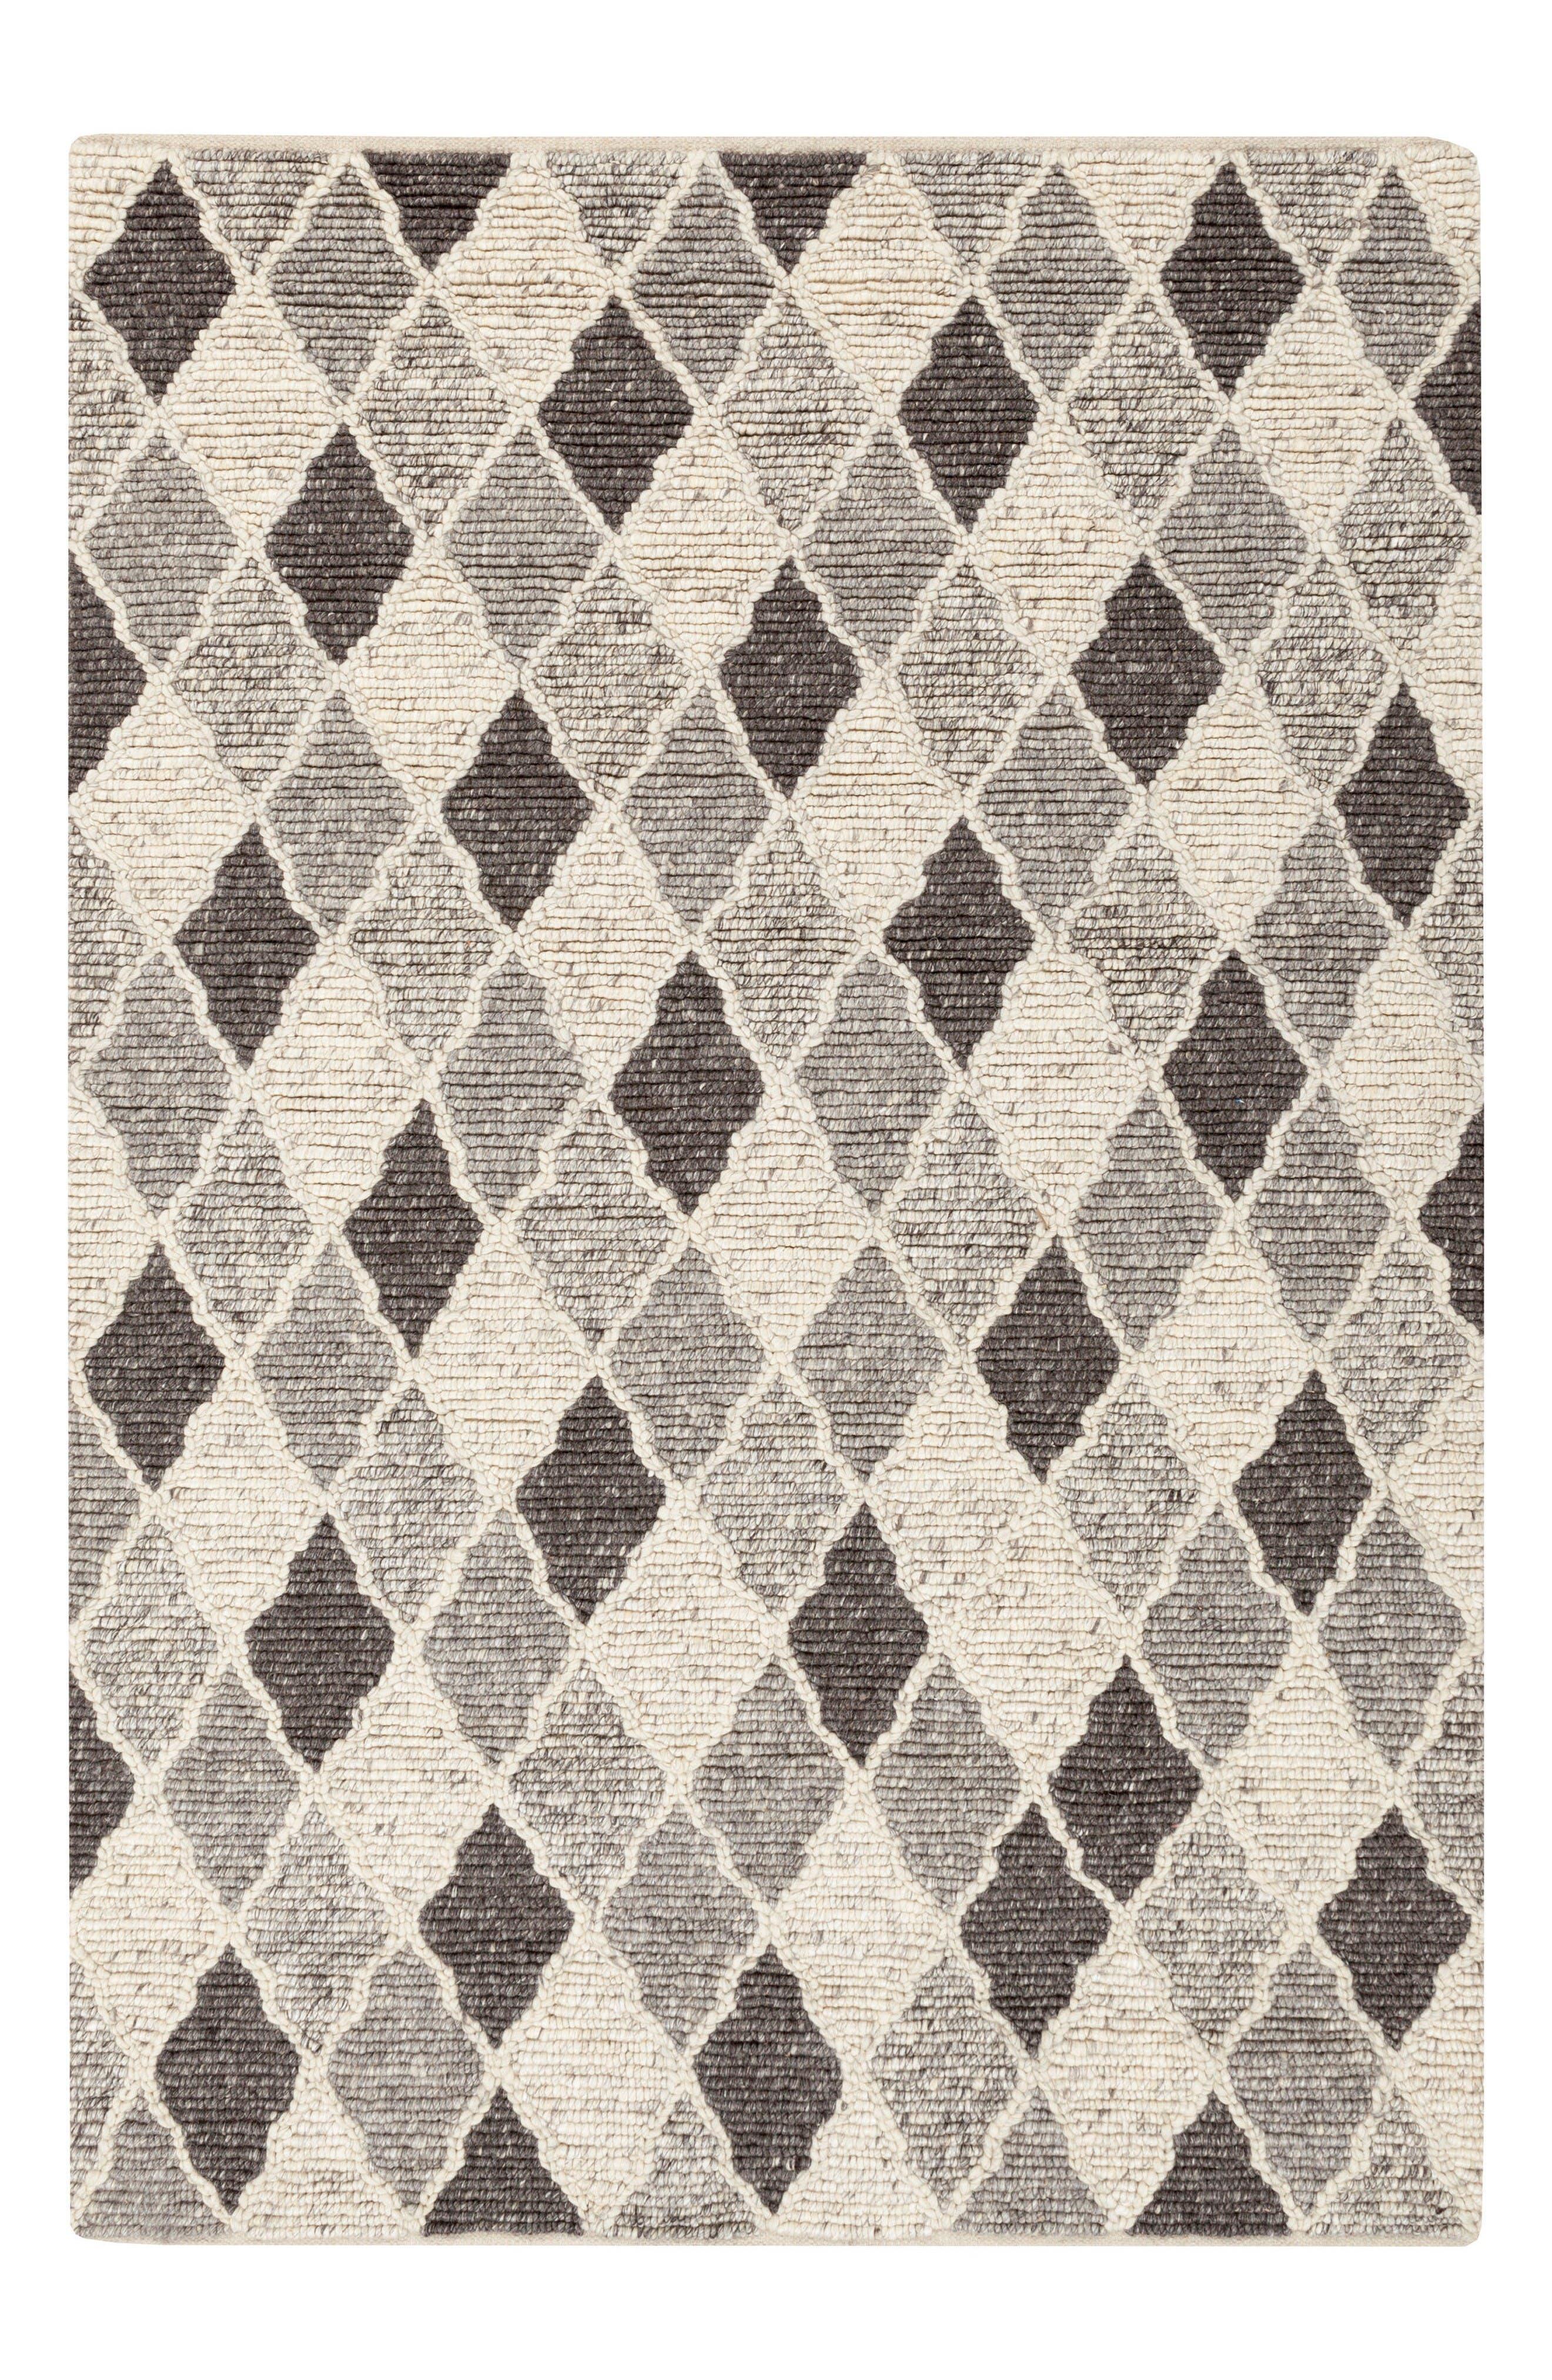 Nico Handwoven Shag Rug,                             Main thumbnail 1, color,                             Charcoal